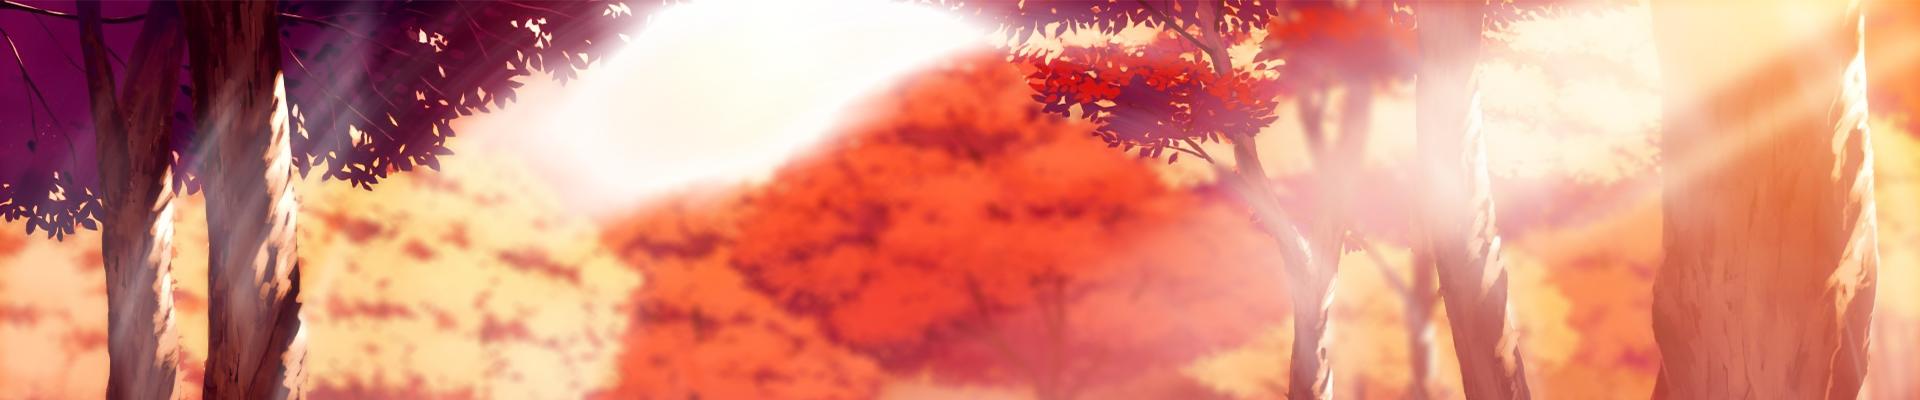 Аниме-сезон осени 2014 г. (Ванильный апокалипсис.) - Изображение 5